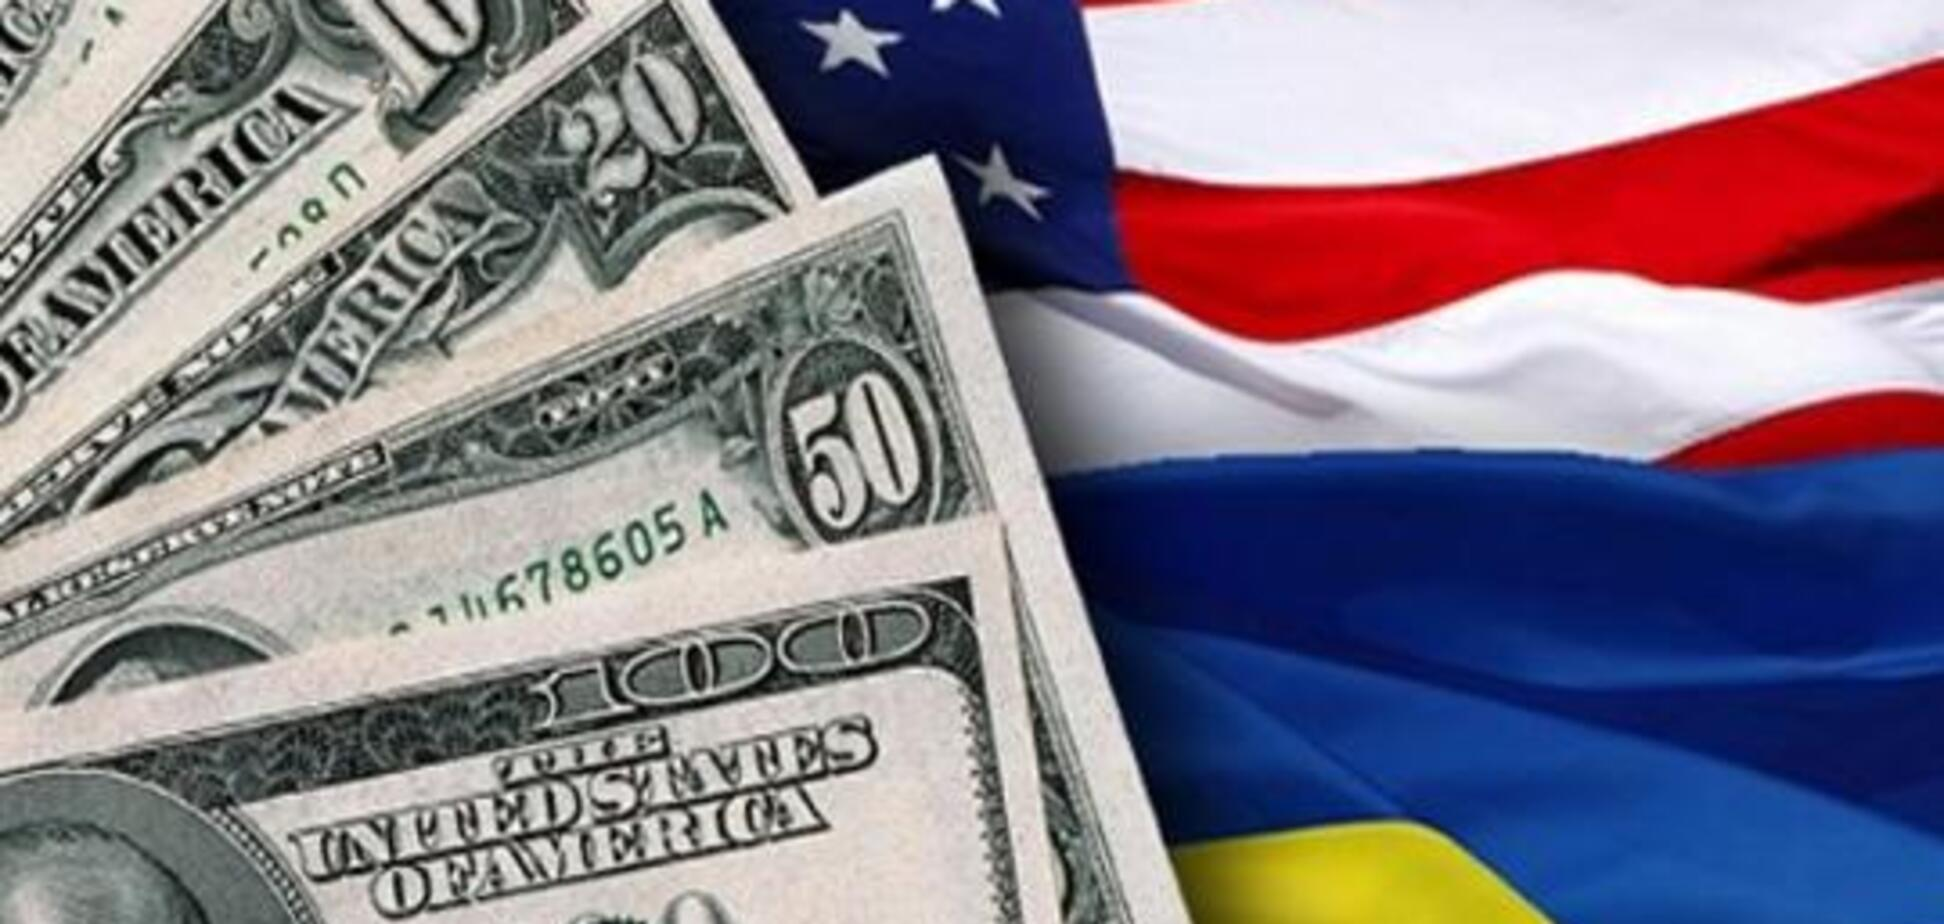 Решение принято: Украина получит от США $200 млн на оборону и безопасность